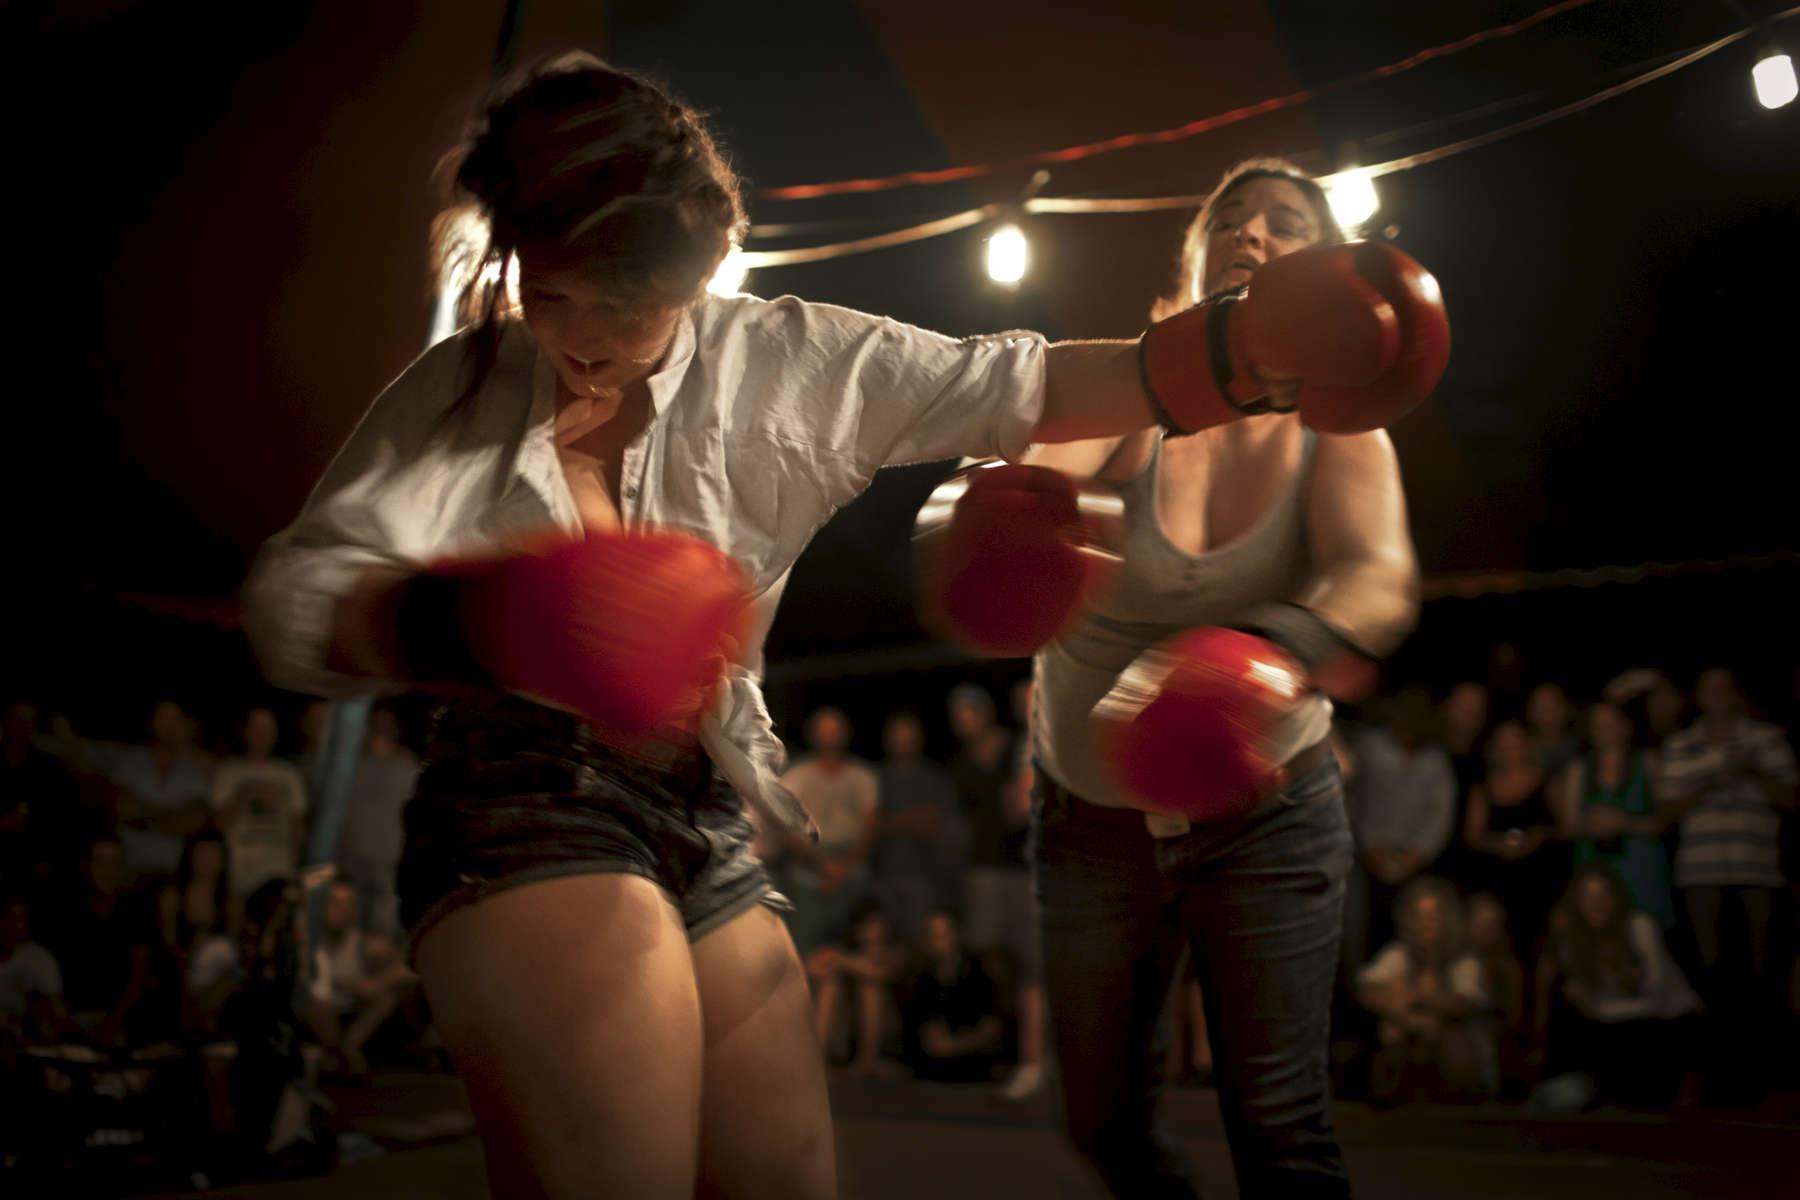 Les combats sont ouverts au hommes, aux femmes et parfois aux enfants, Noonamah Tavern près de Darwin, TN, Australie, Novembre 2011.